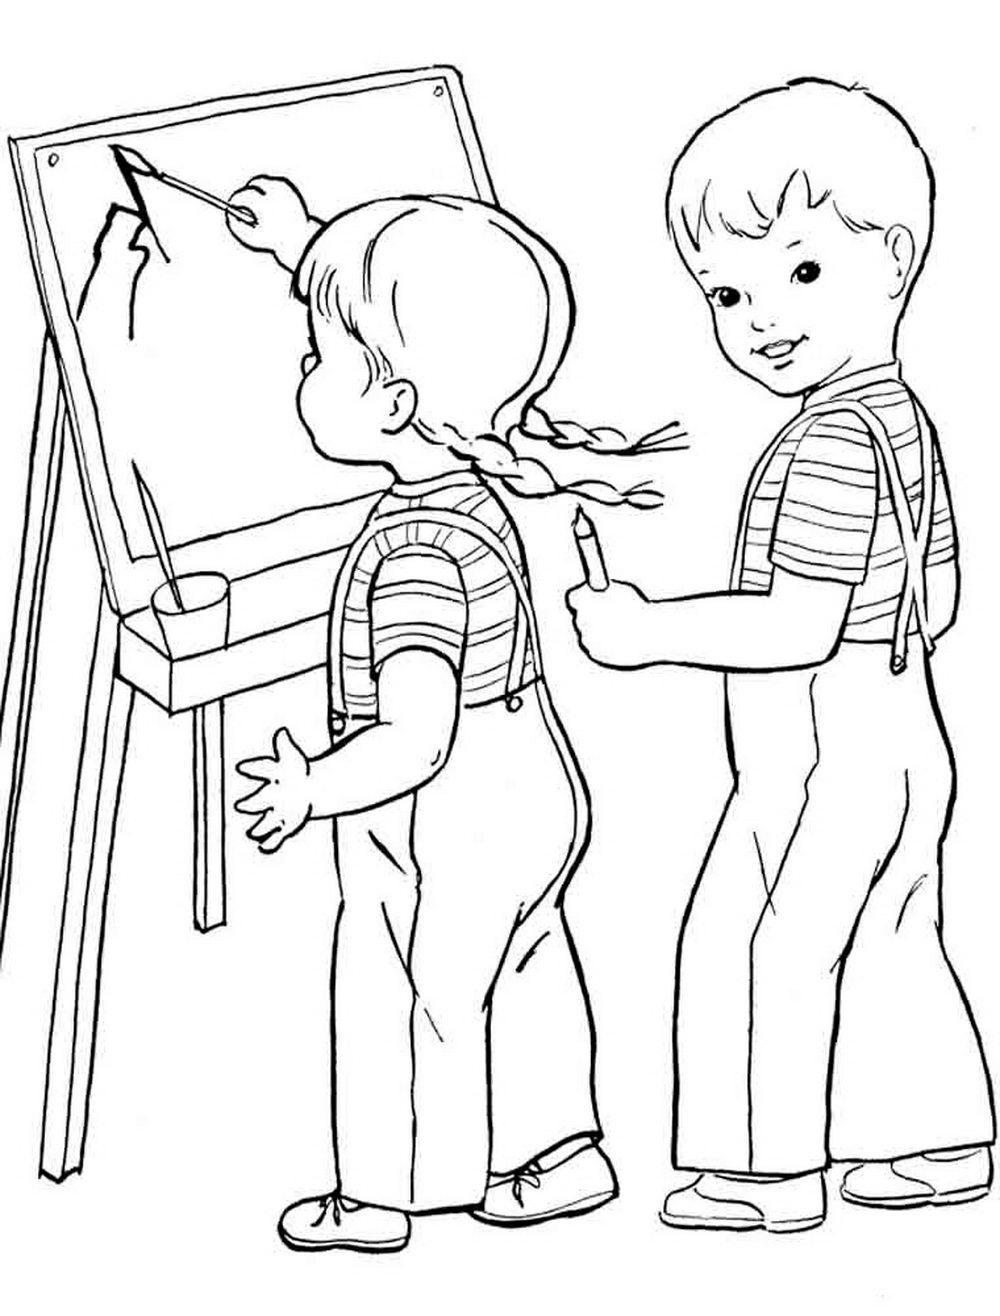 Ребенок дети рисунки раскраска